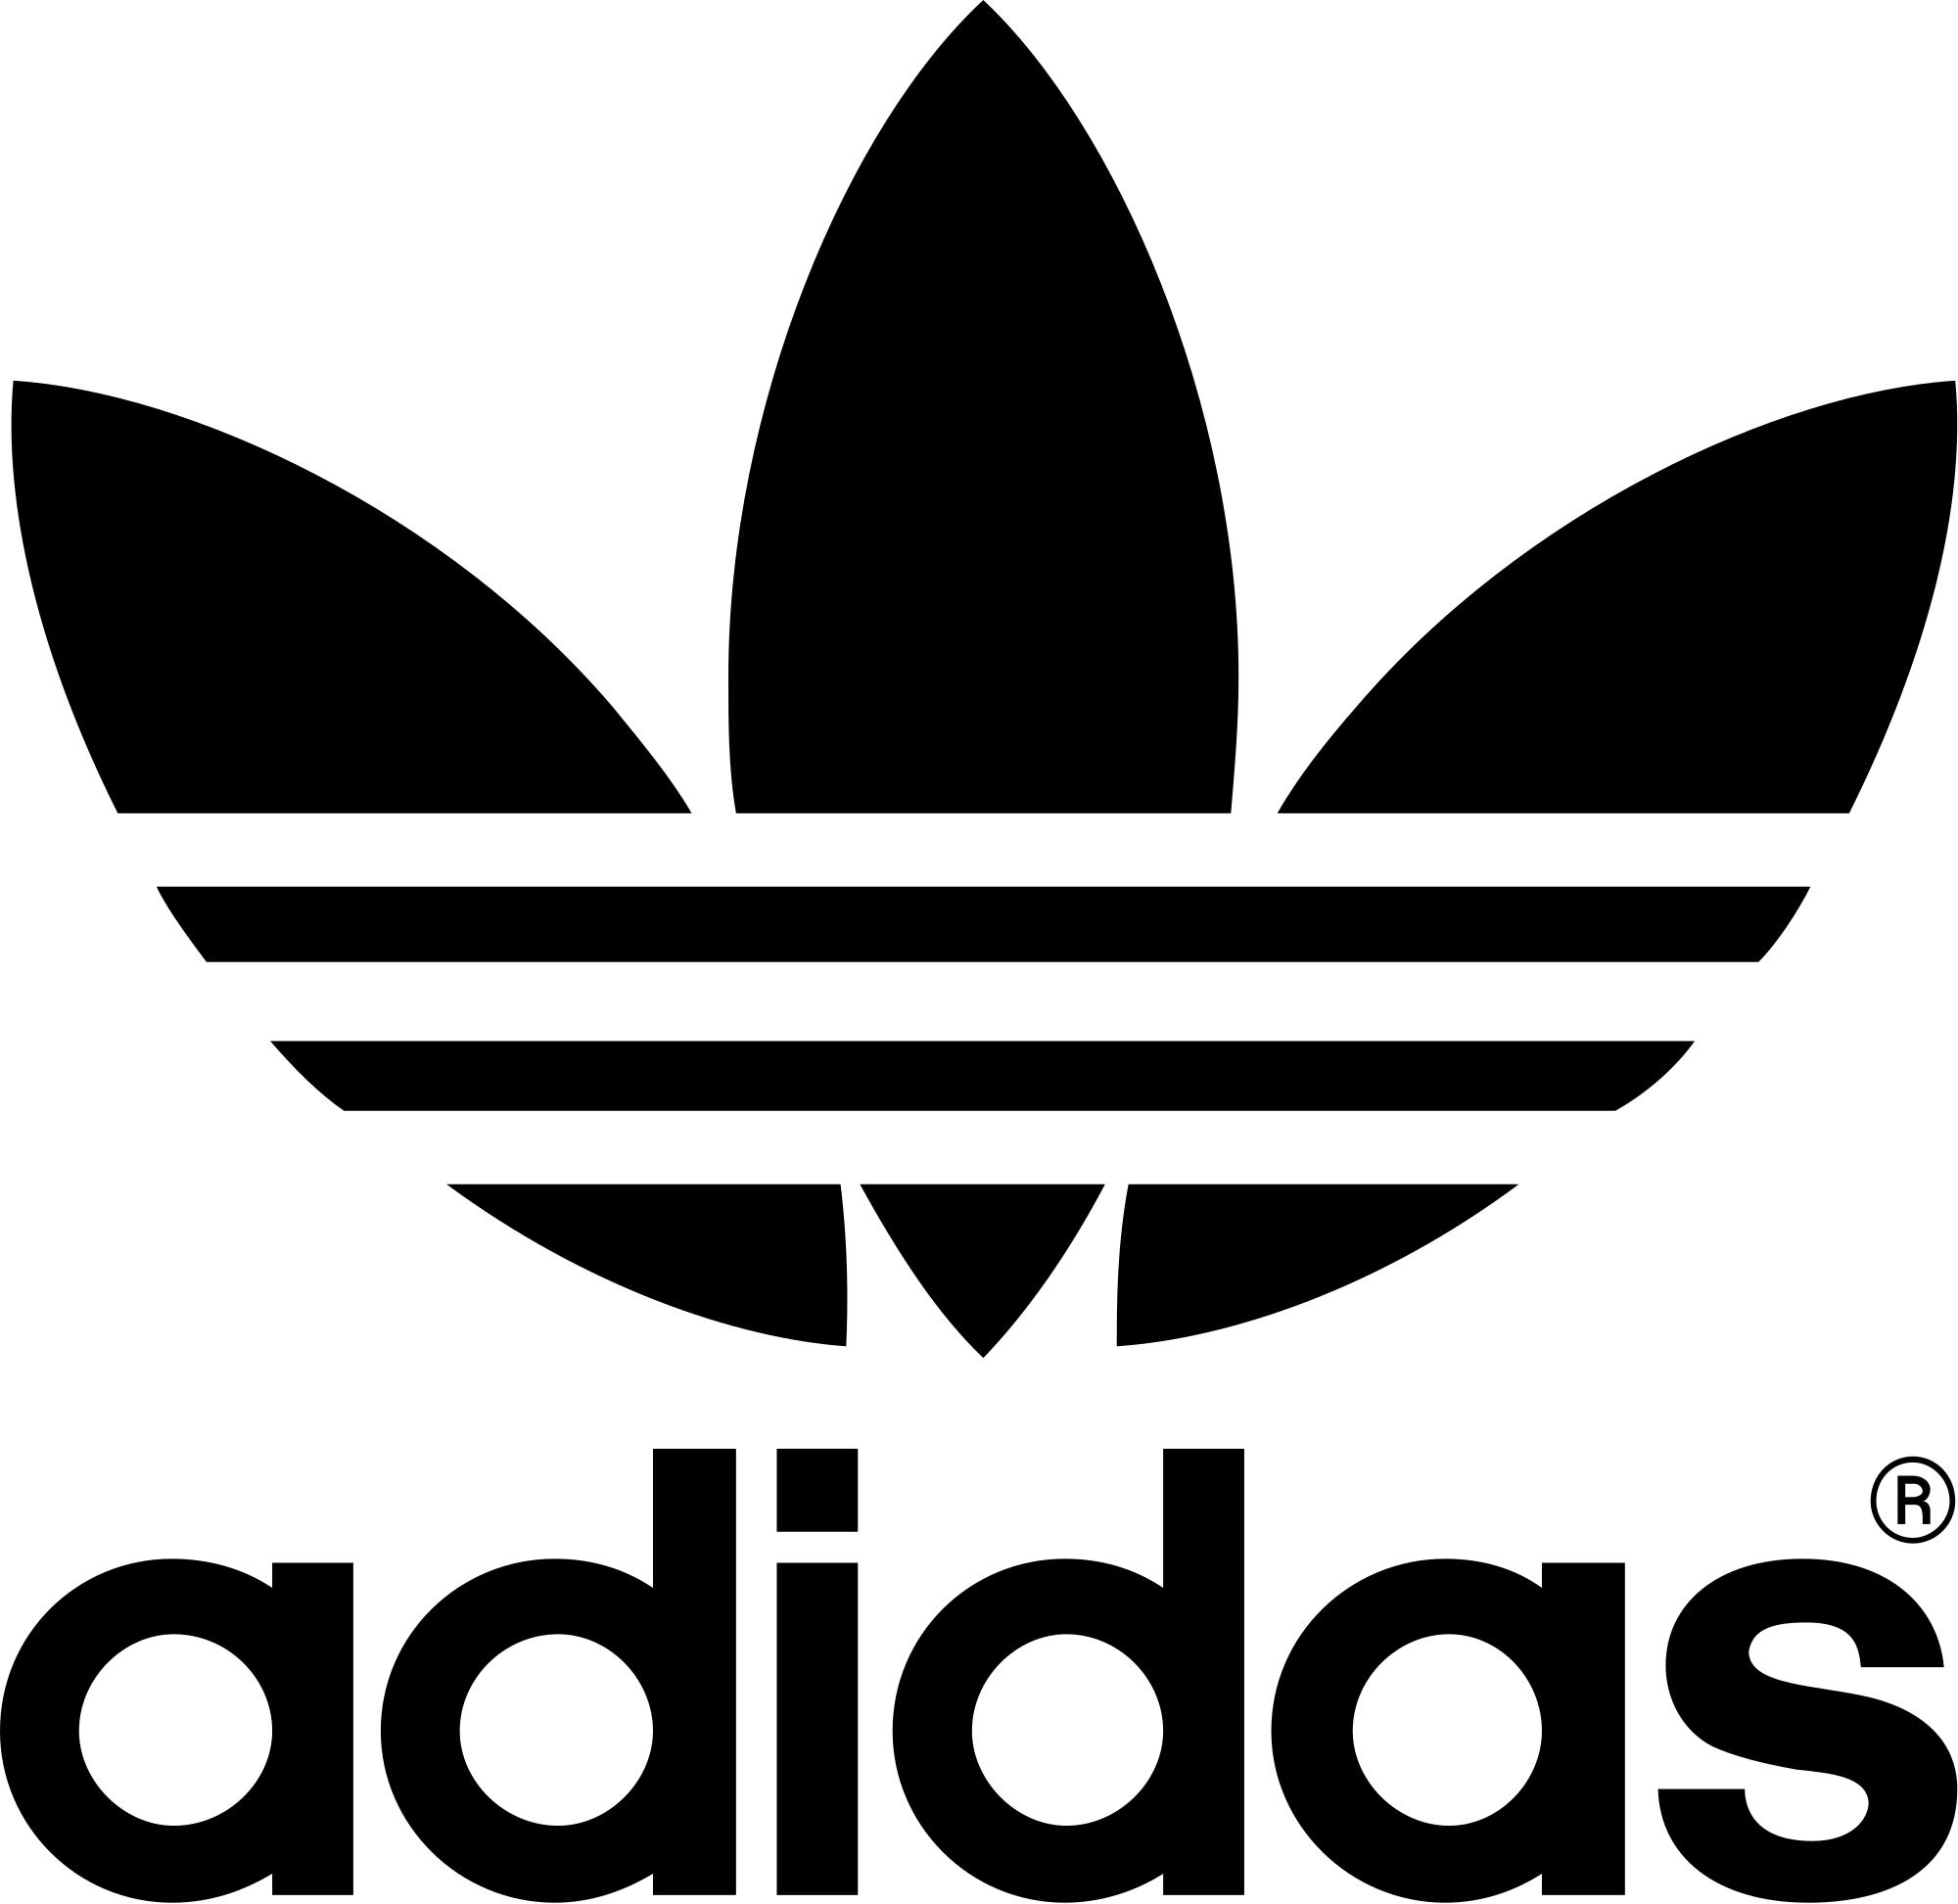 Adidas Newsletter 30 € Rabatt bei 70 € MBW auf das komplette Adidas Sortiment auf adidas.de . Kombi mit payback, shoop usw. möglich.